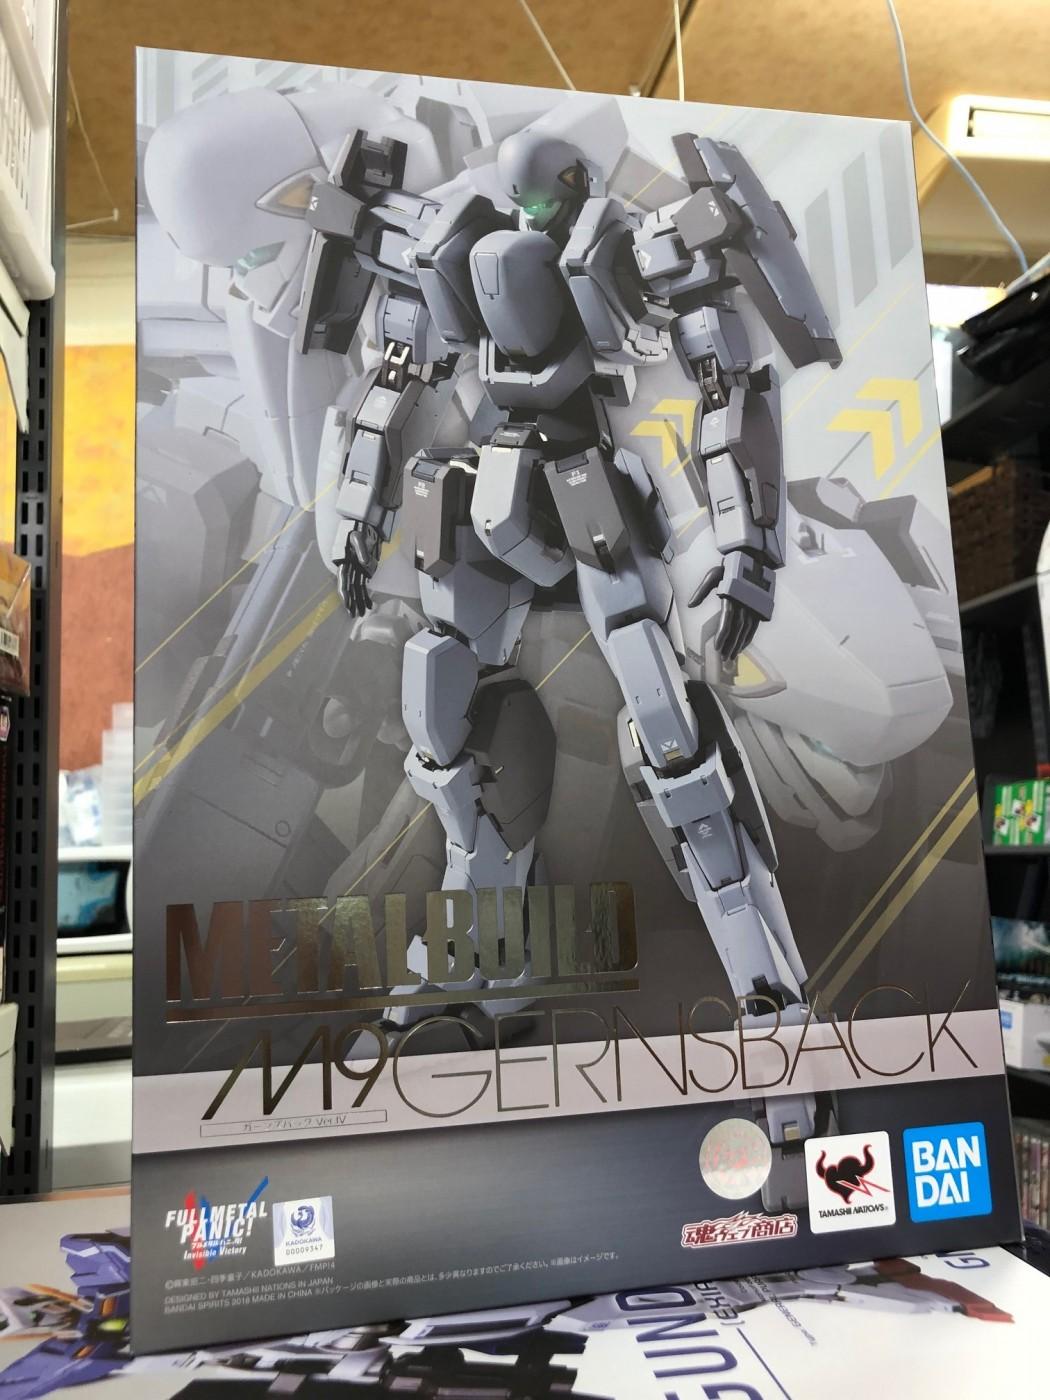 買取情報『METAL BUILDのフルメタル・パニック!Ⅳ ガーンズバック Ver.Ⅳ』